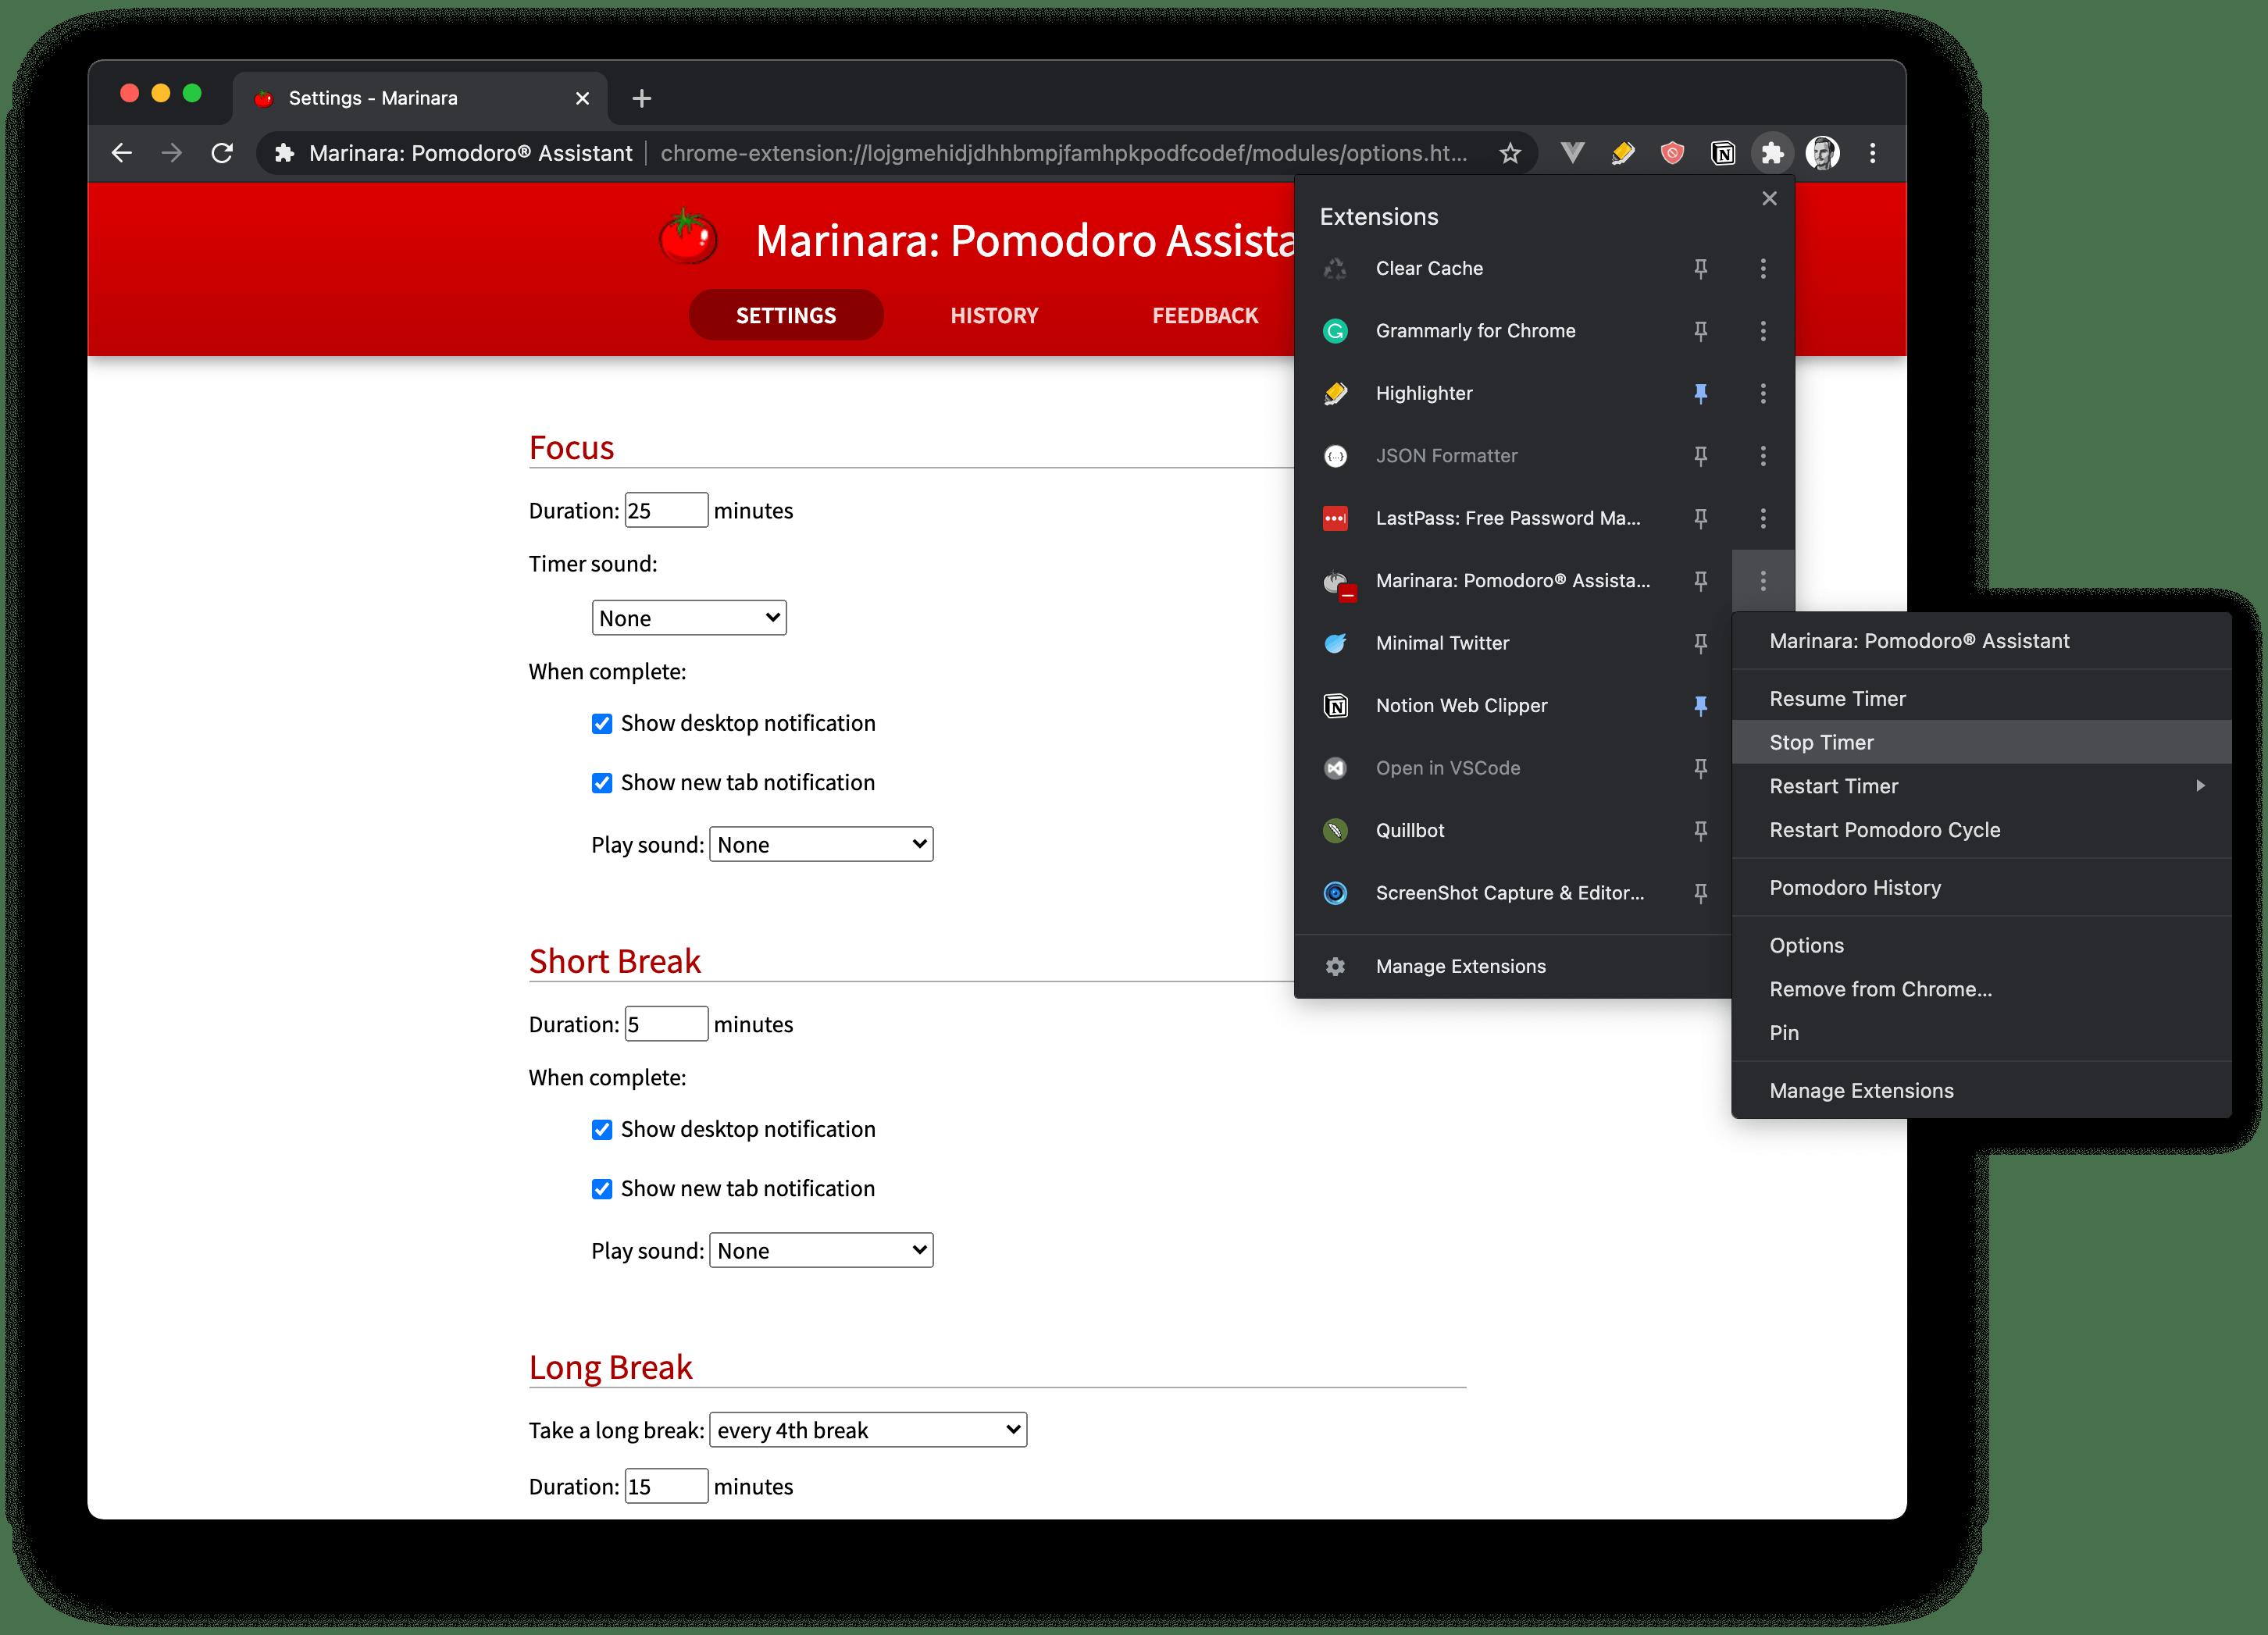 Screenshot 2021-04-03 at 14.16.47.png